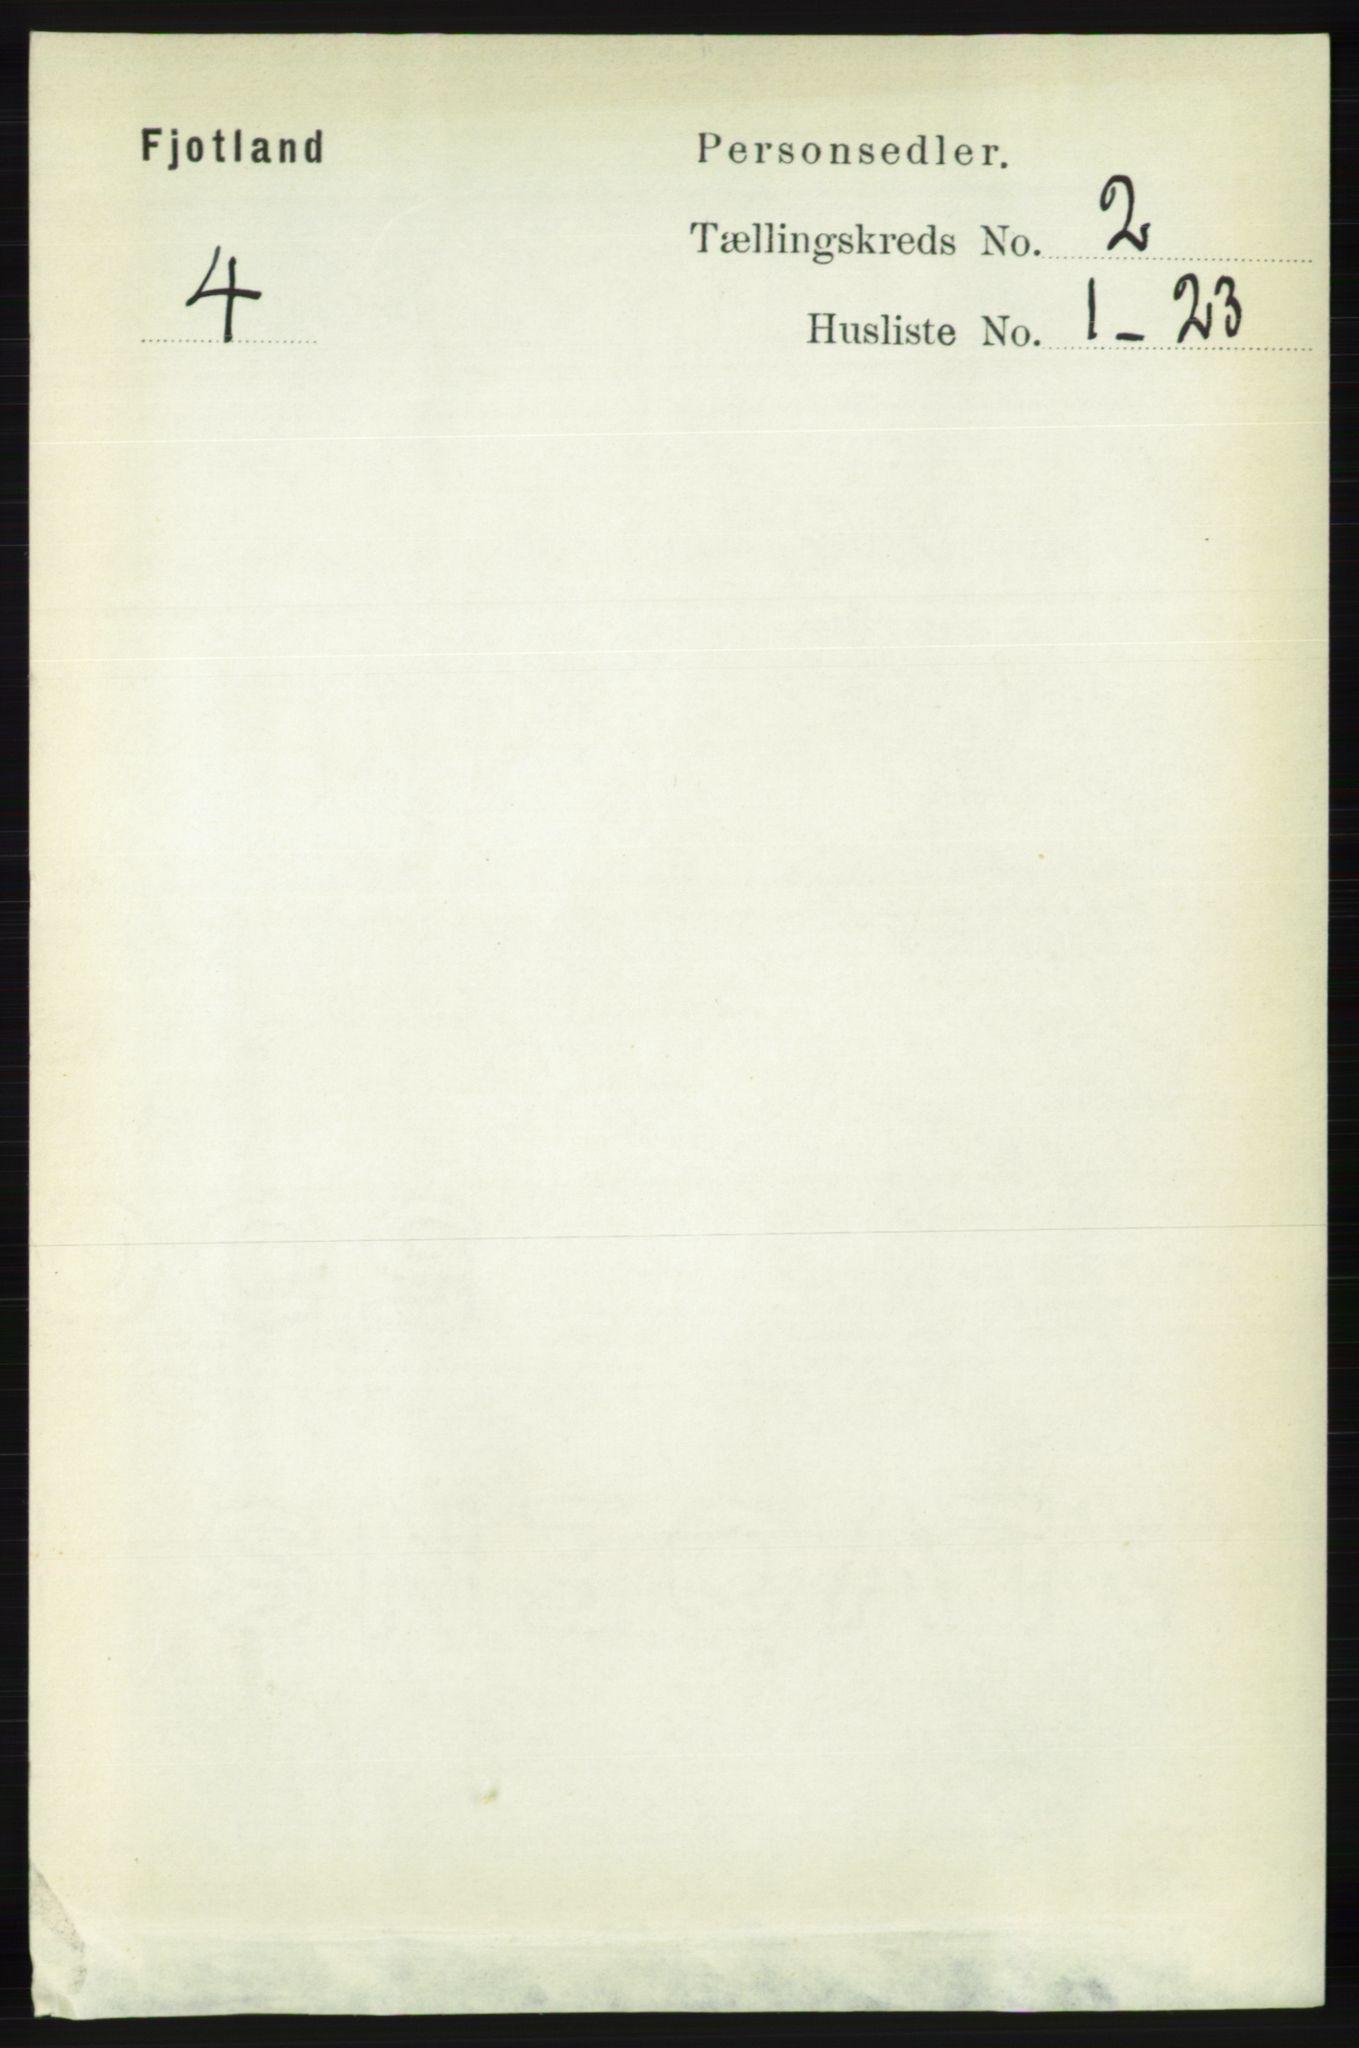 RA, Folketelling 1891 for 1036 Fjotland herred, 1891, s. 235